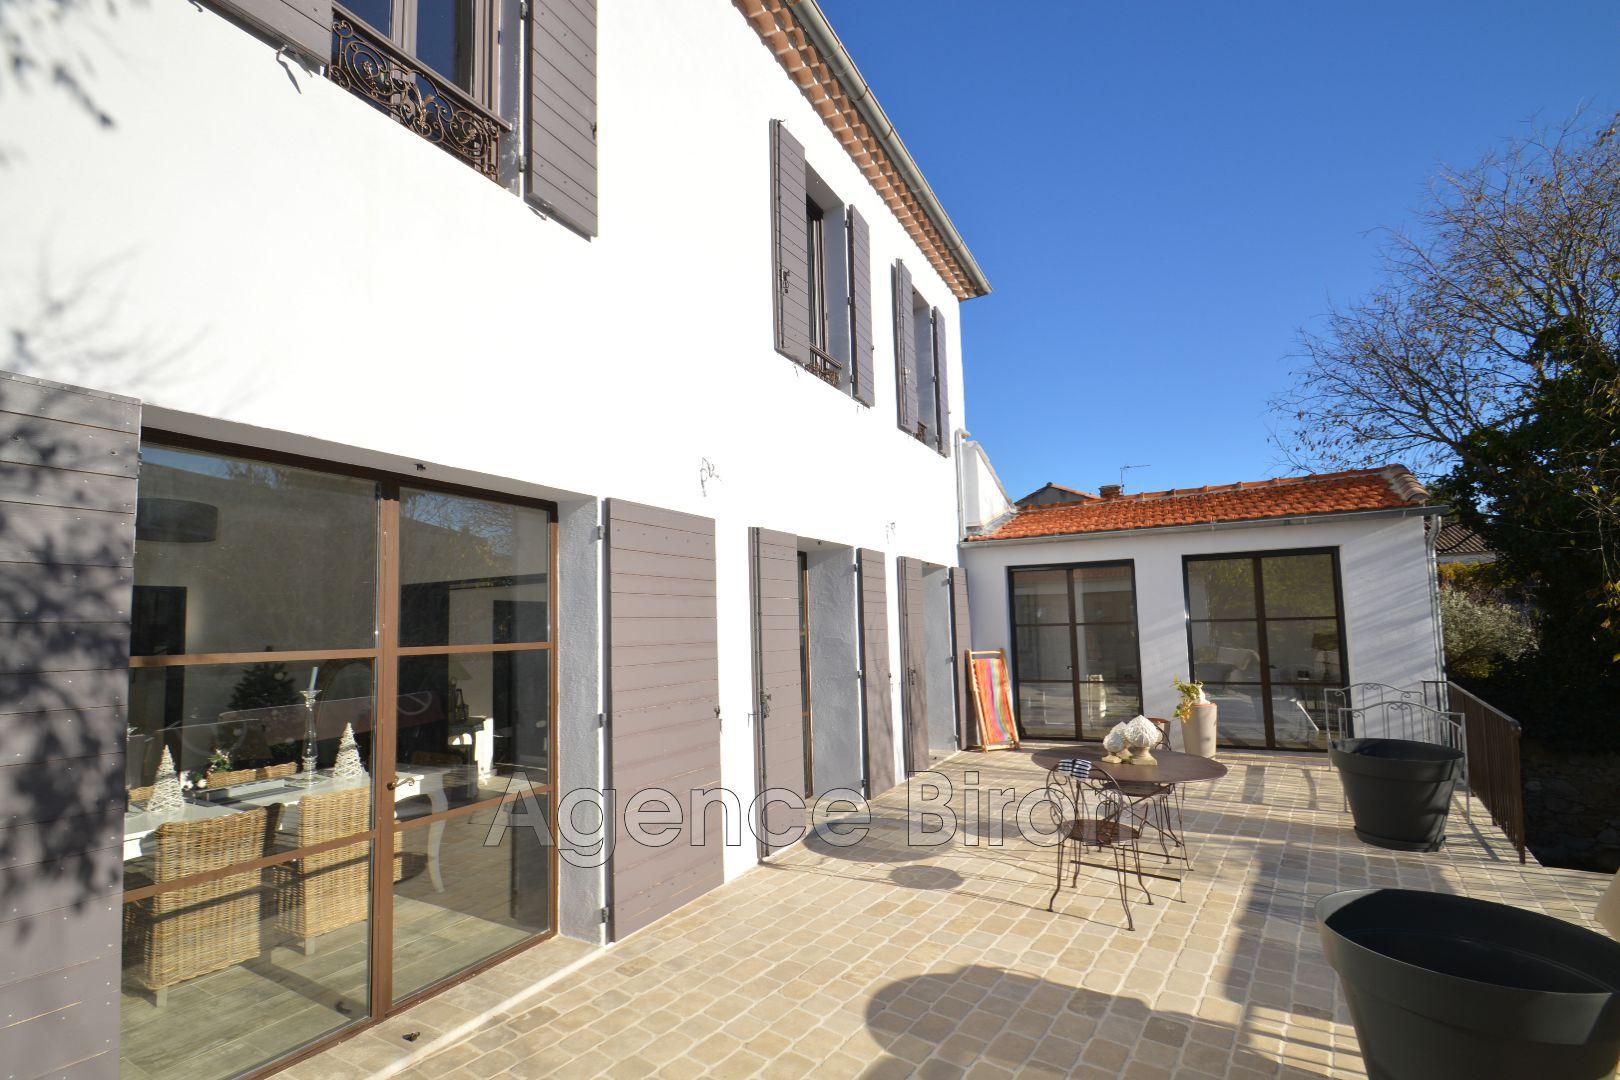 Vente maison contemporaine aix en provence 13100 1 090 for Maison vente